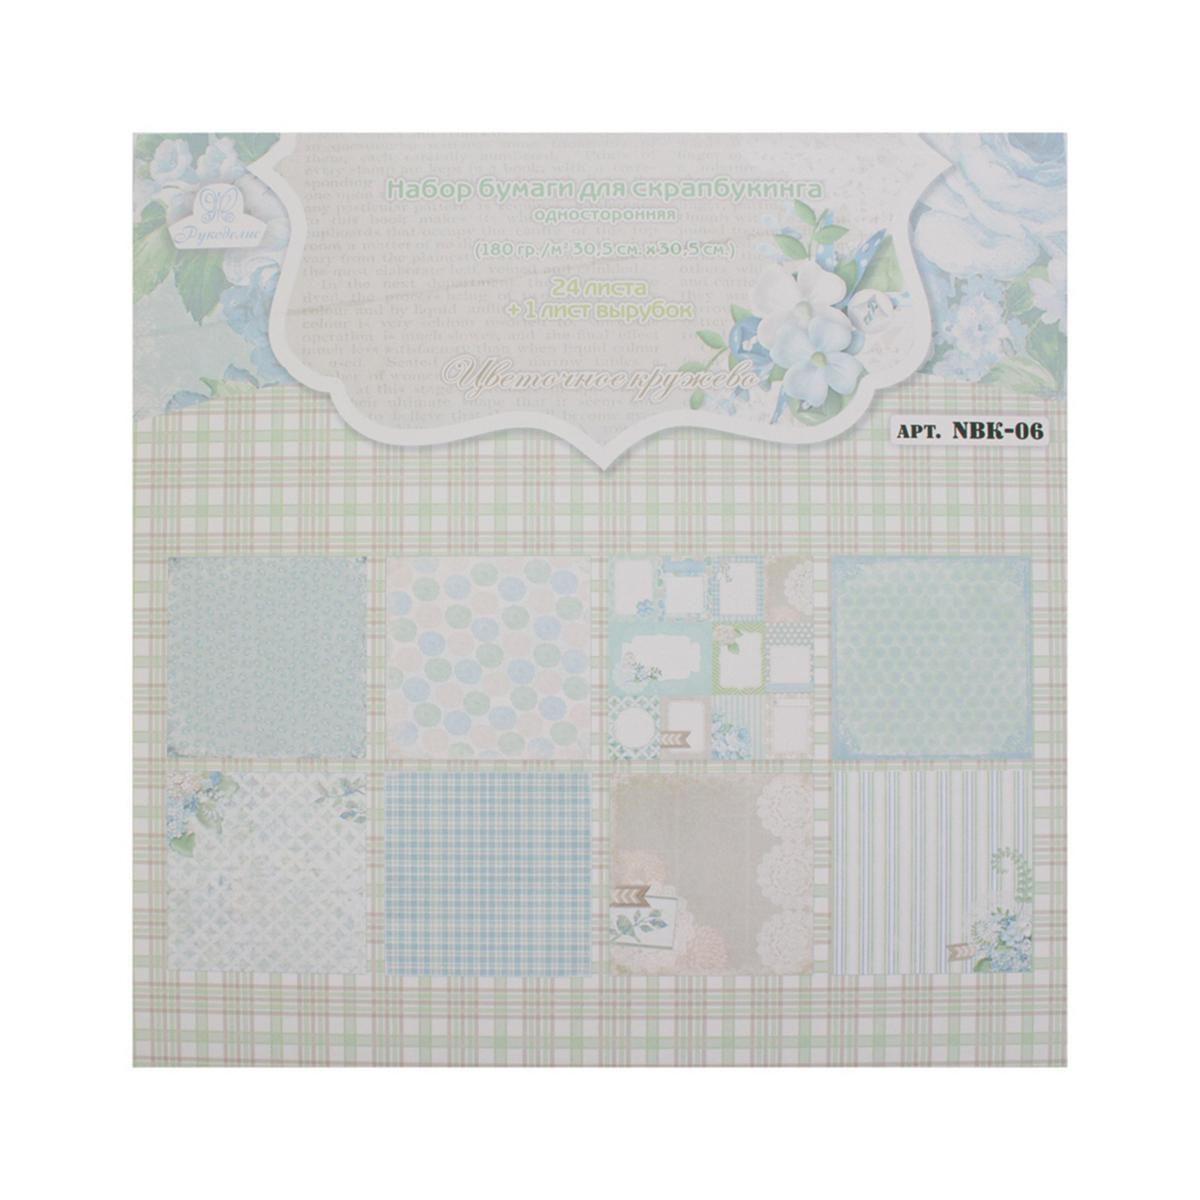 Набор бумаги для скрапбукинга Рукоделие Цветочное кружево, 30,5 х 30,5 см. 498554498554